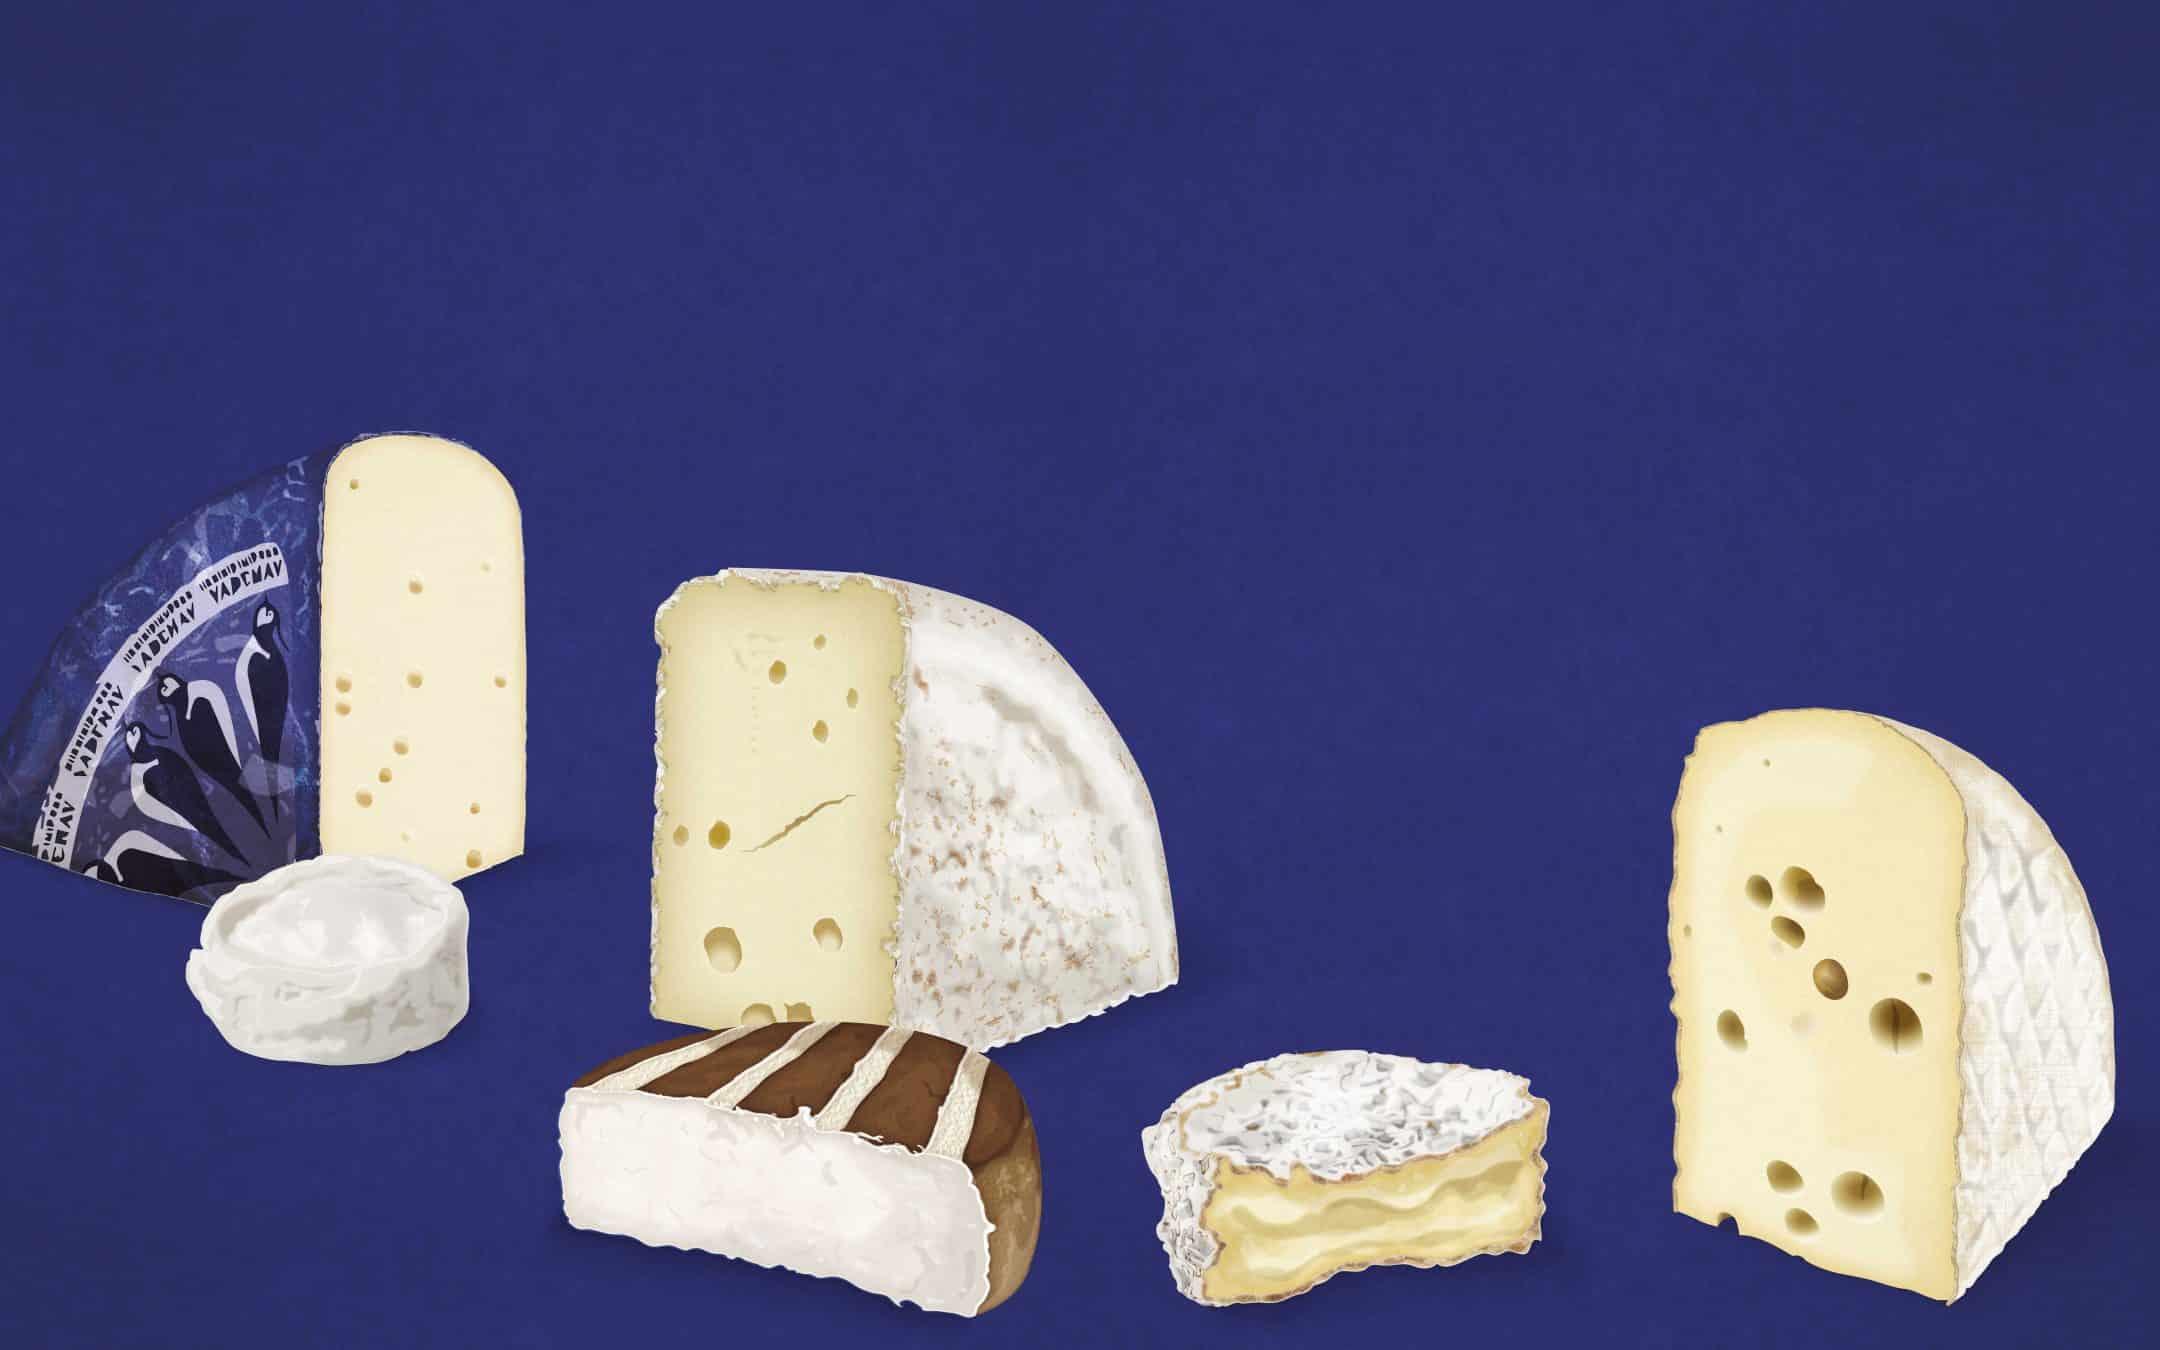 Rødkit, råmælksost, rygeost, fast kitmodnet, camembert og blød hvidskimmel af gedemælk: Her er 6 hotte, danske oste, som ostenørder spiser lige nu.